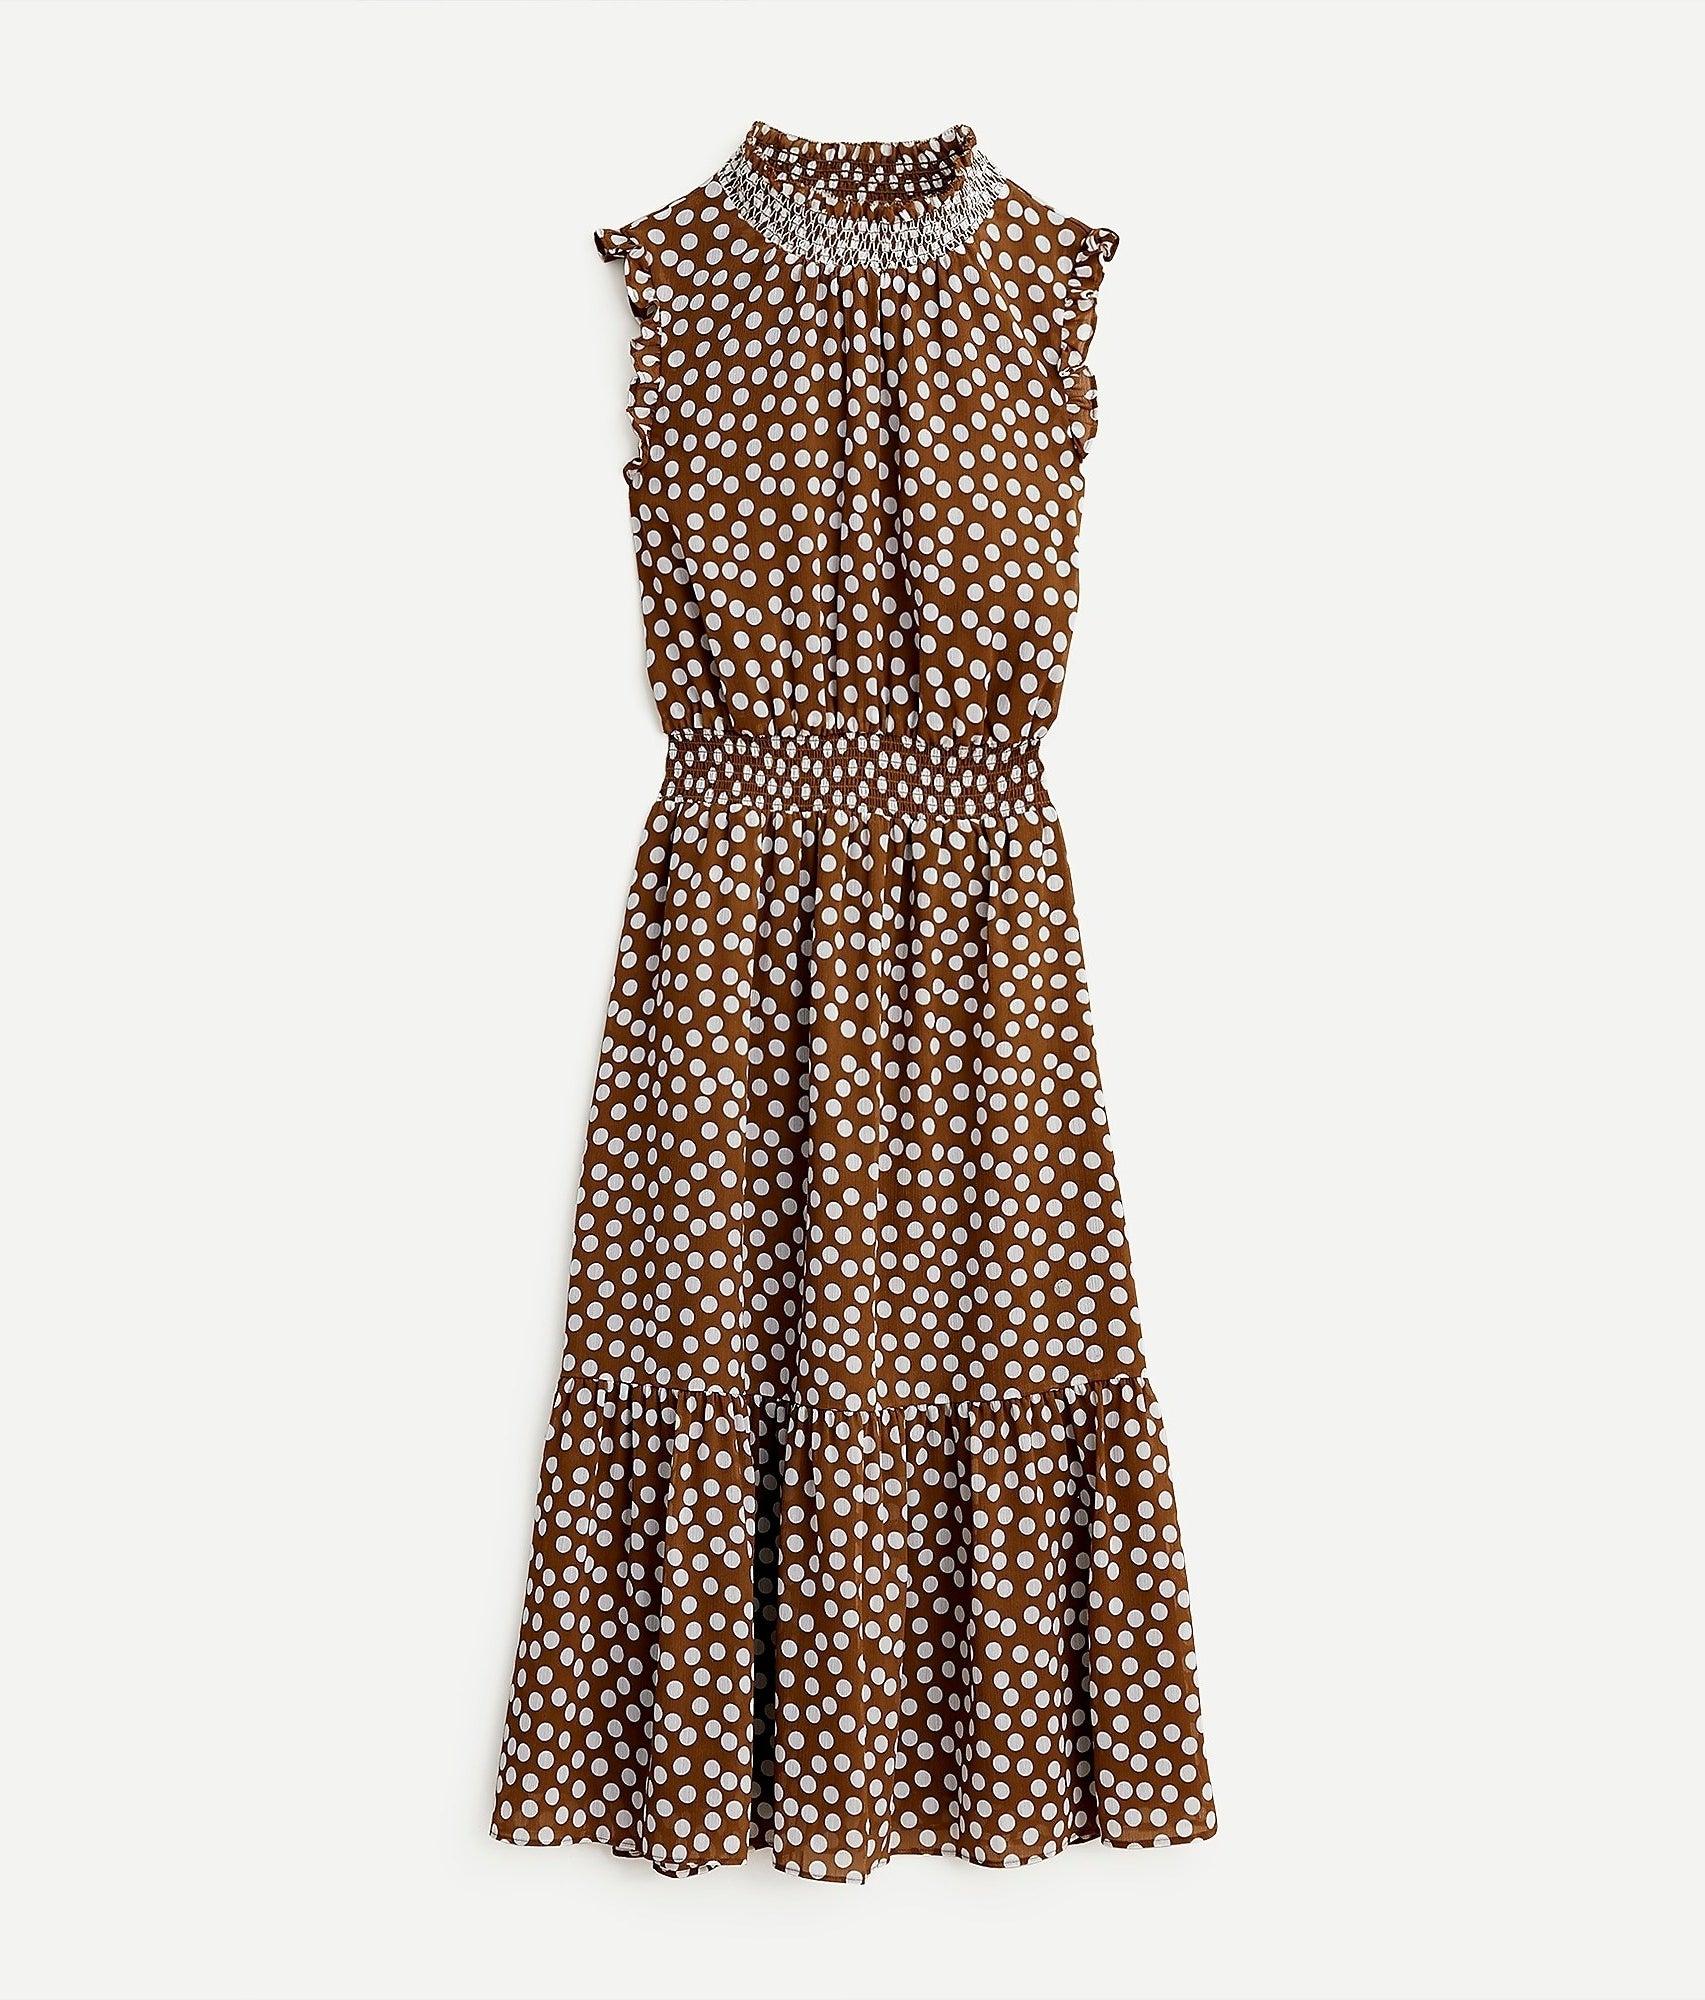 brown and tan polka dot sleeveless midi dress with high neck